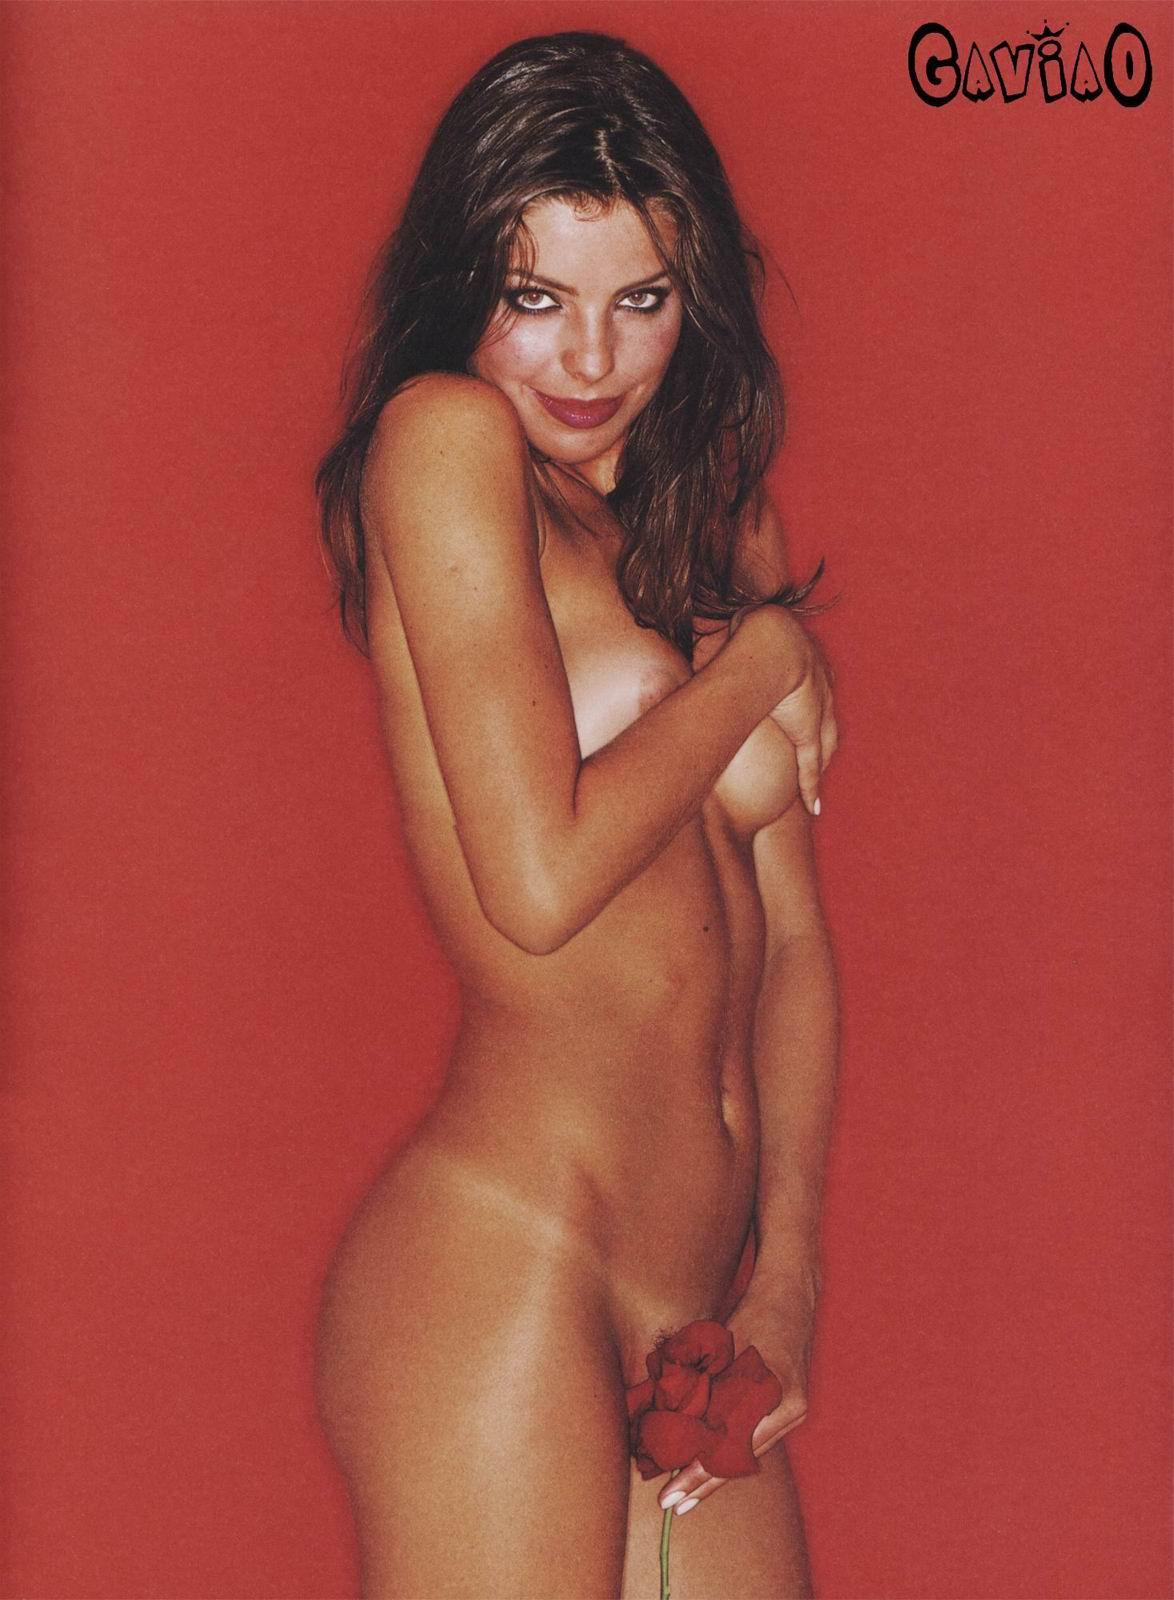 Daniela cicarelli lemos nude pics 284